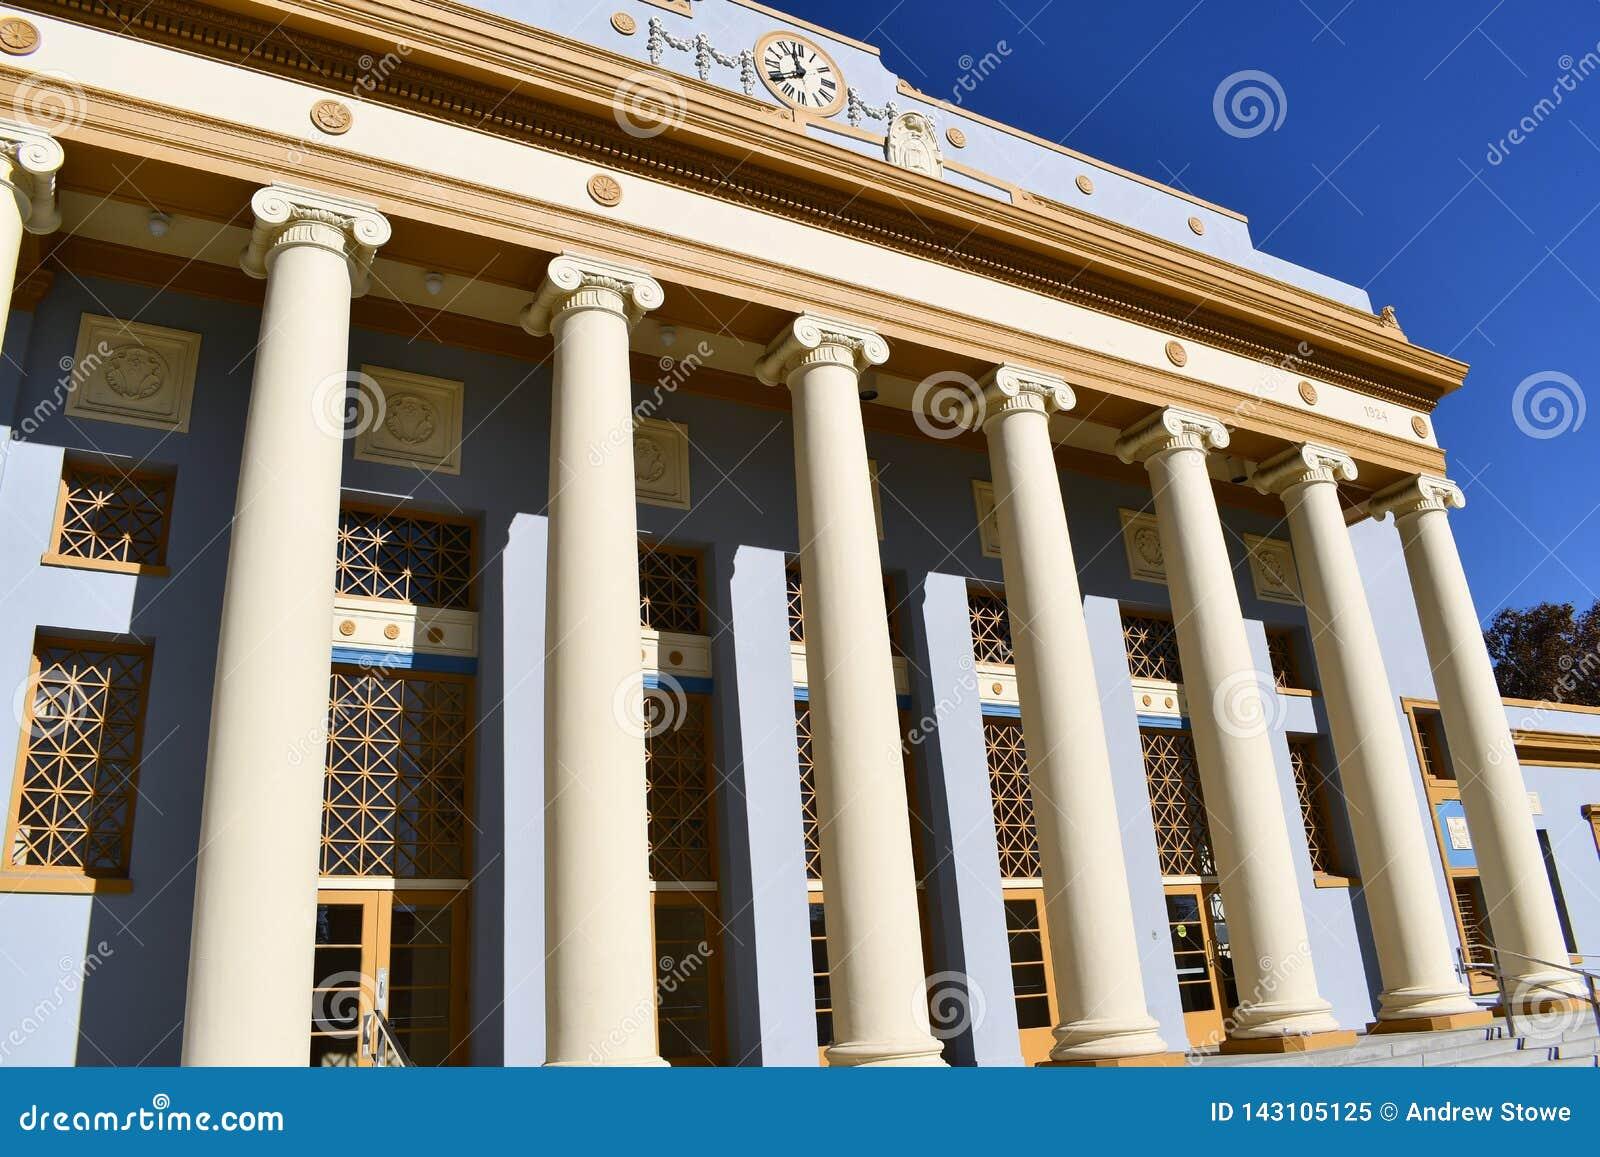 Style de Roem des colonnes sur un bâtiment La colonnade est maintenue dans le style corinthien, ressemblant à un temple